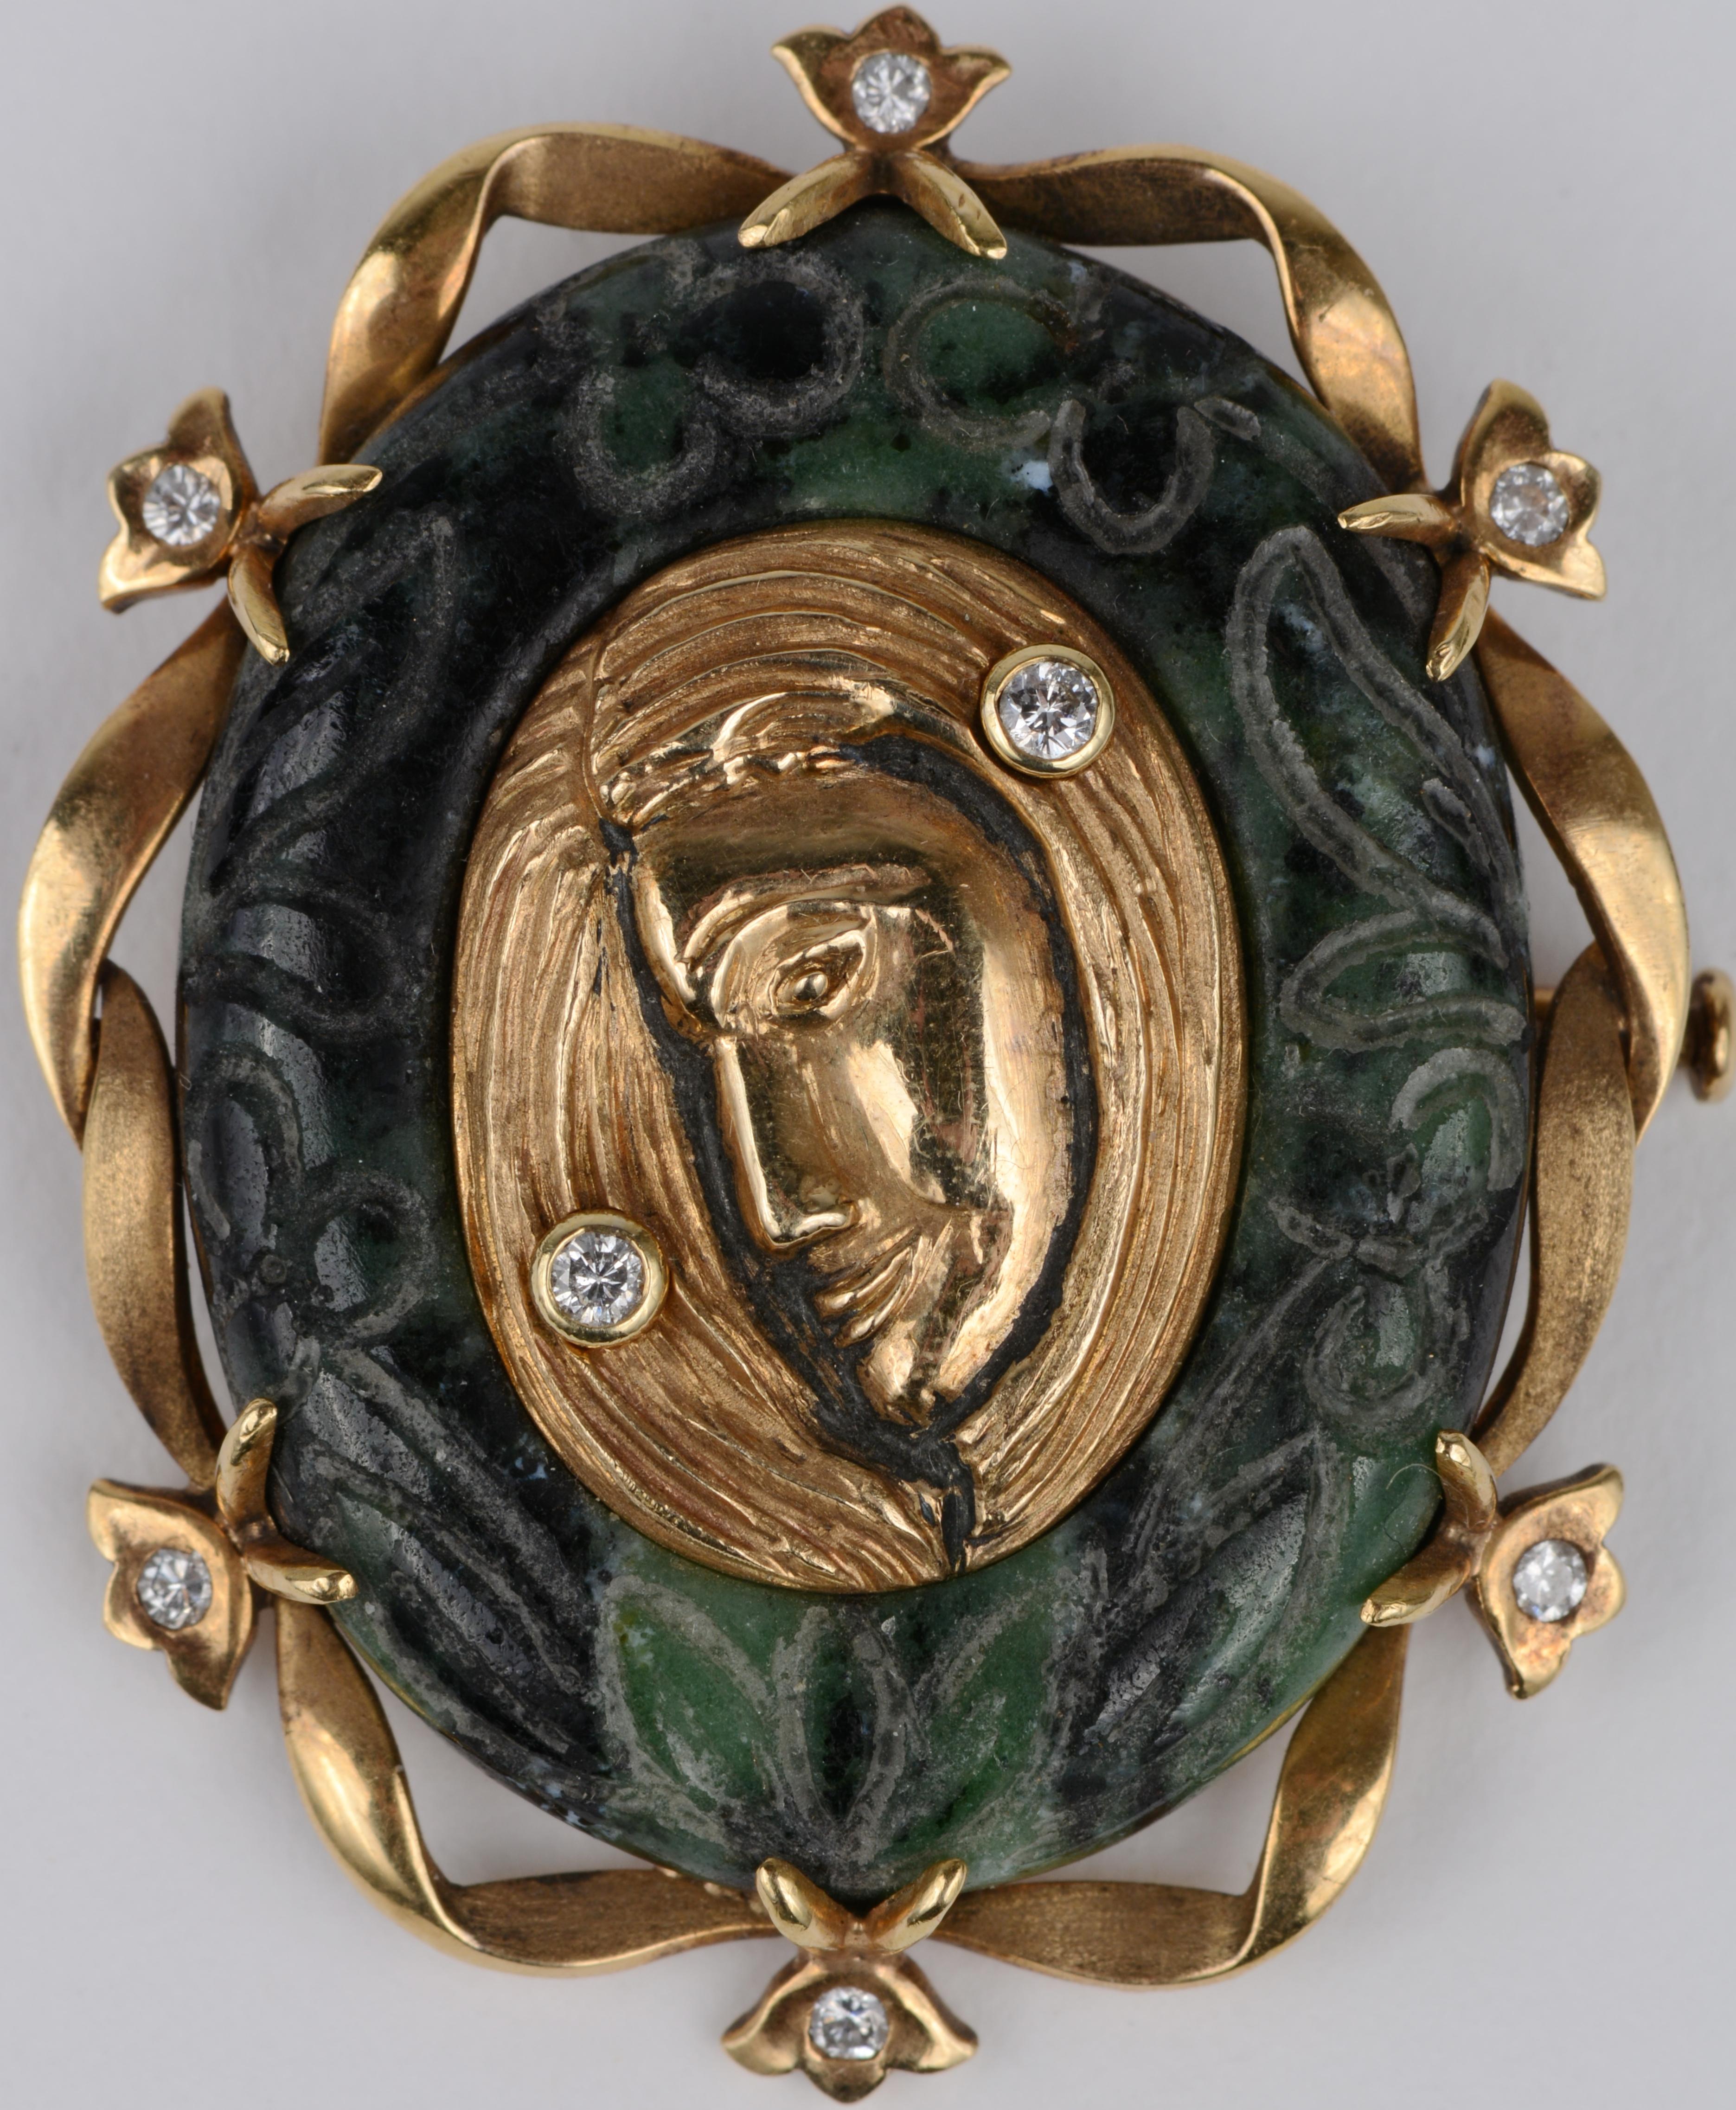 Een 18 karaats geel gouden broche of hanger bezet met diamanten met een gezamenlijk gewicht van ± 0,20 ct. gezet op jadeïet.